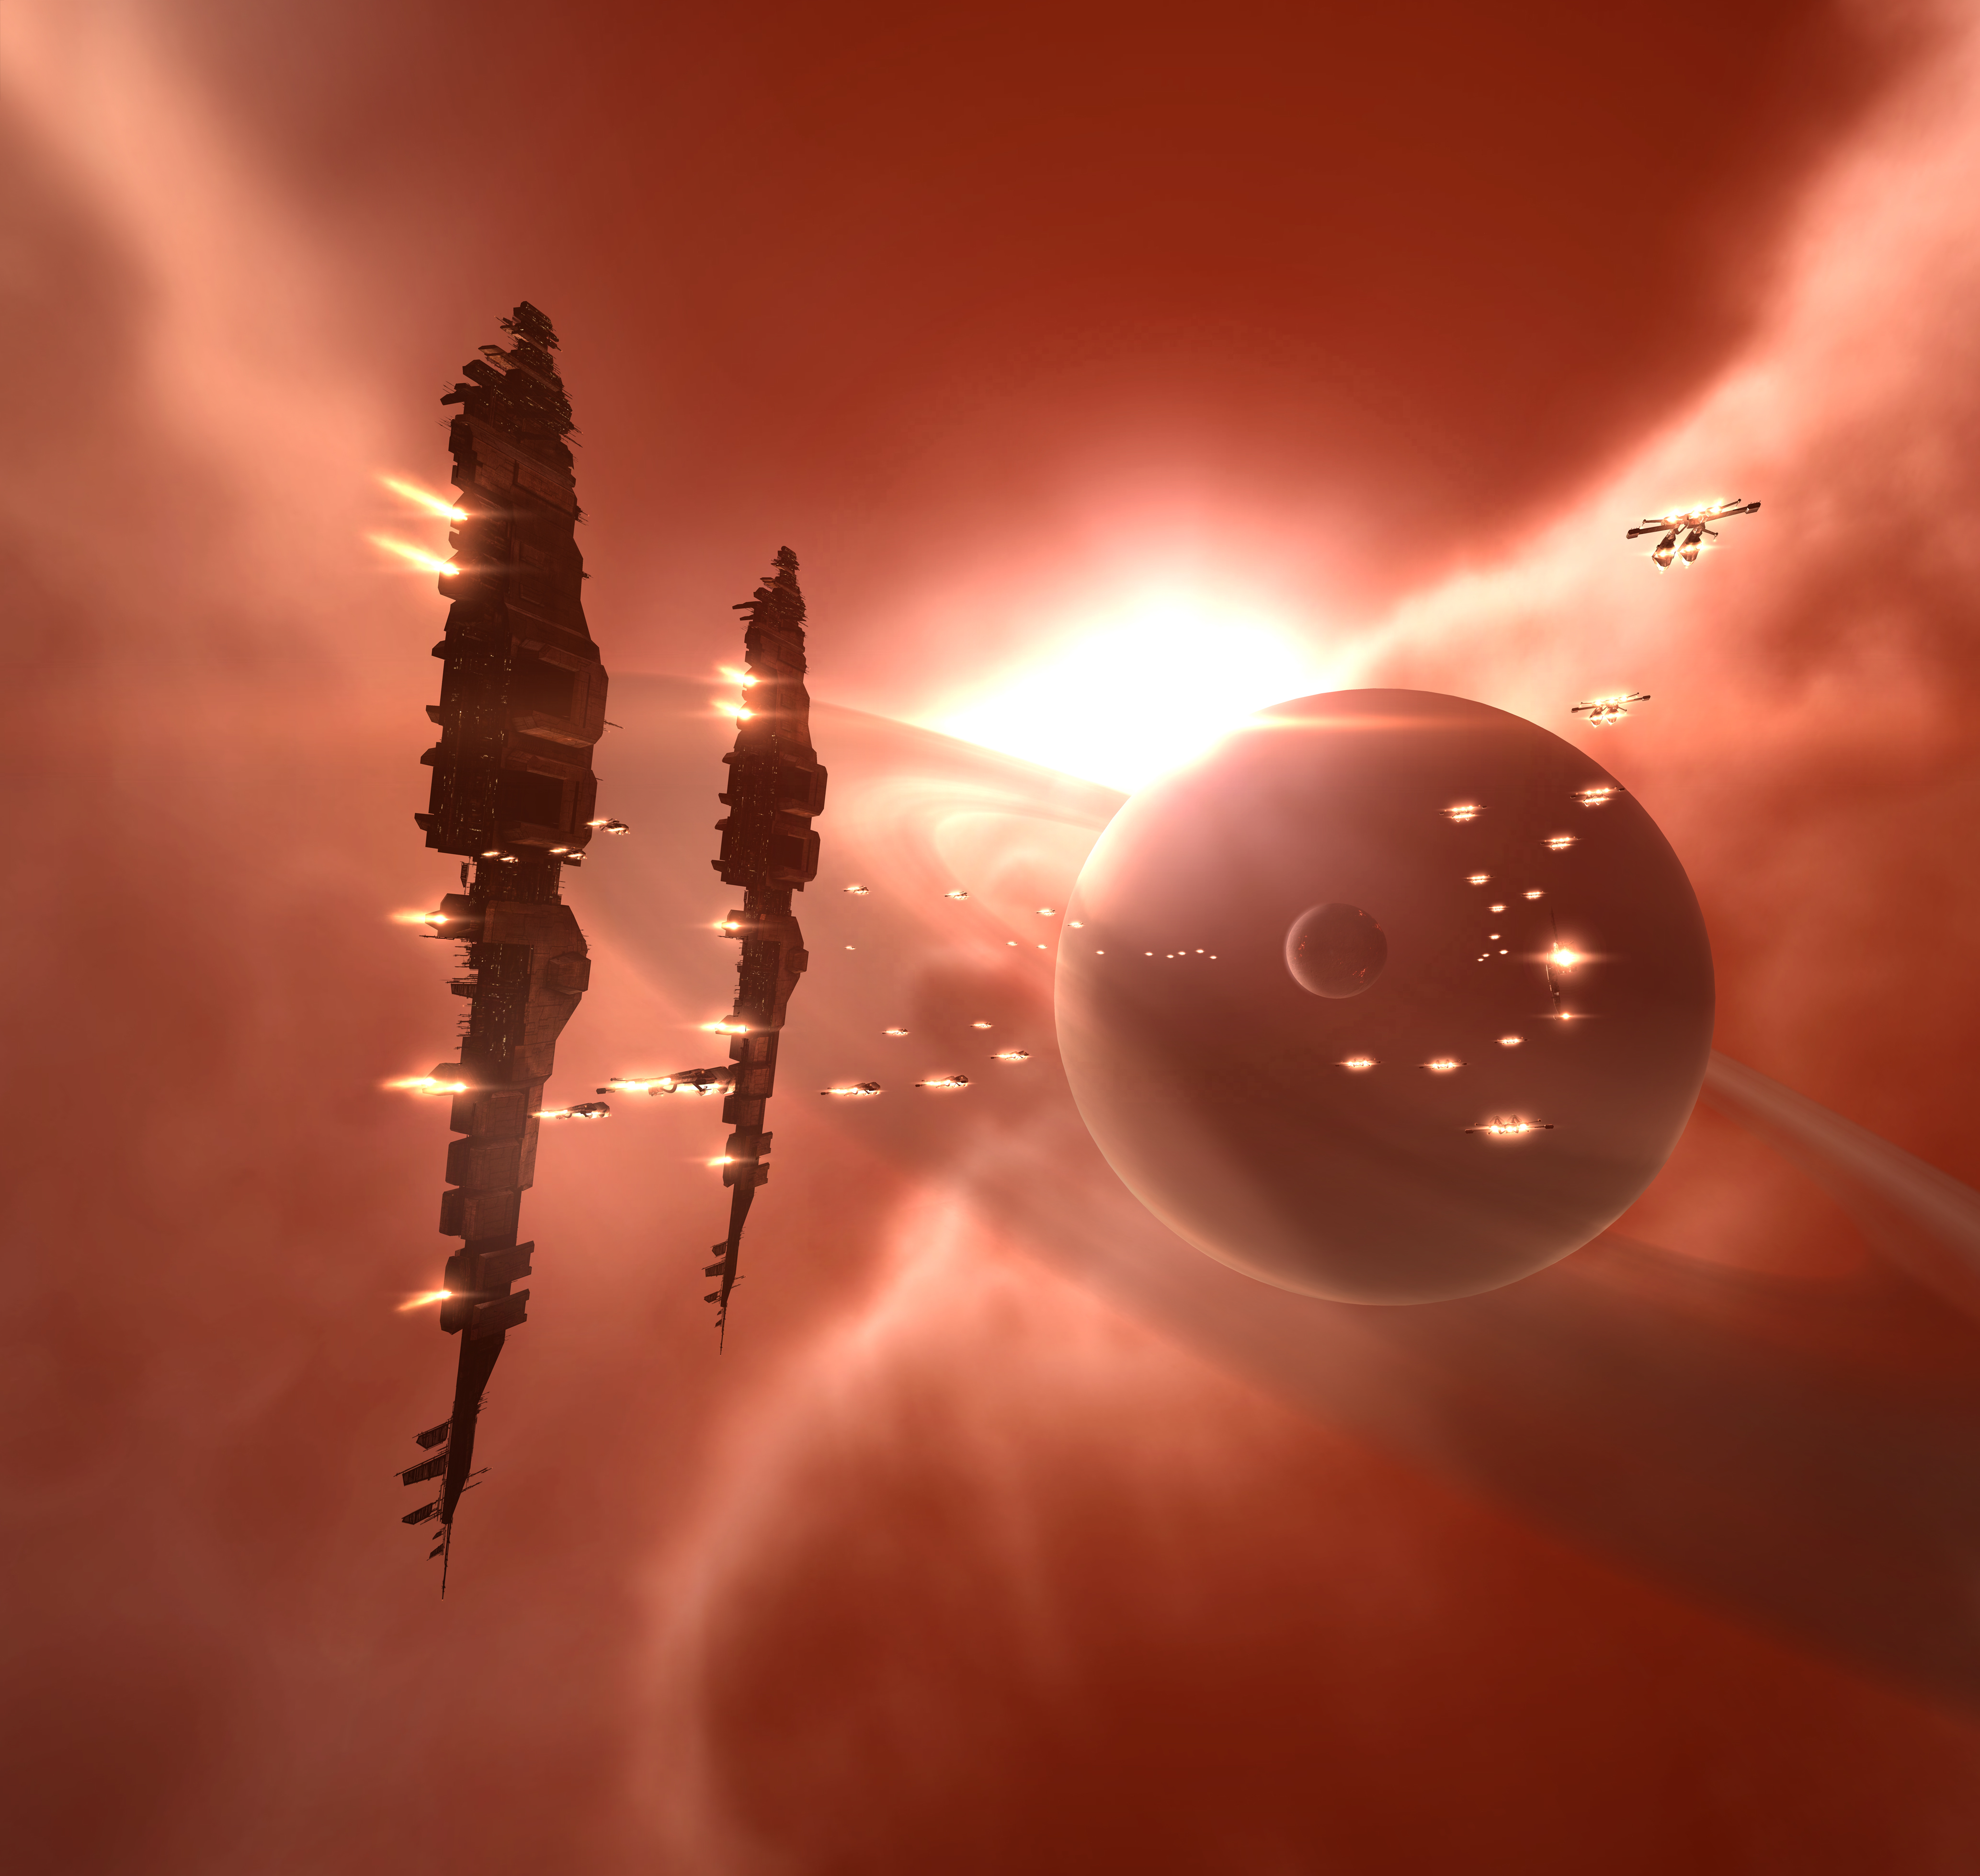 20689 скачать обои Игры, Планеты, Космос - заставки и картинки бесплатно